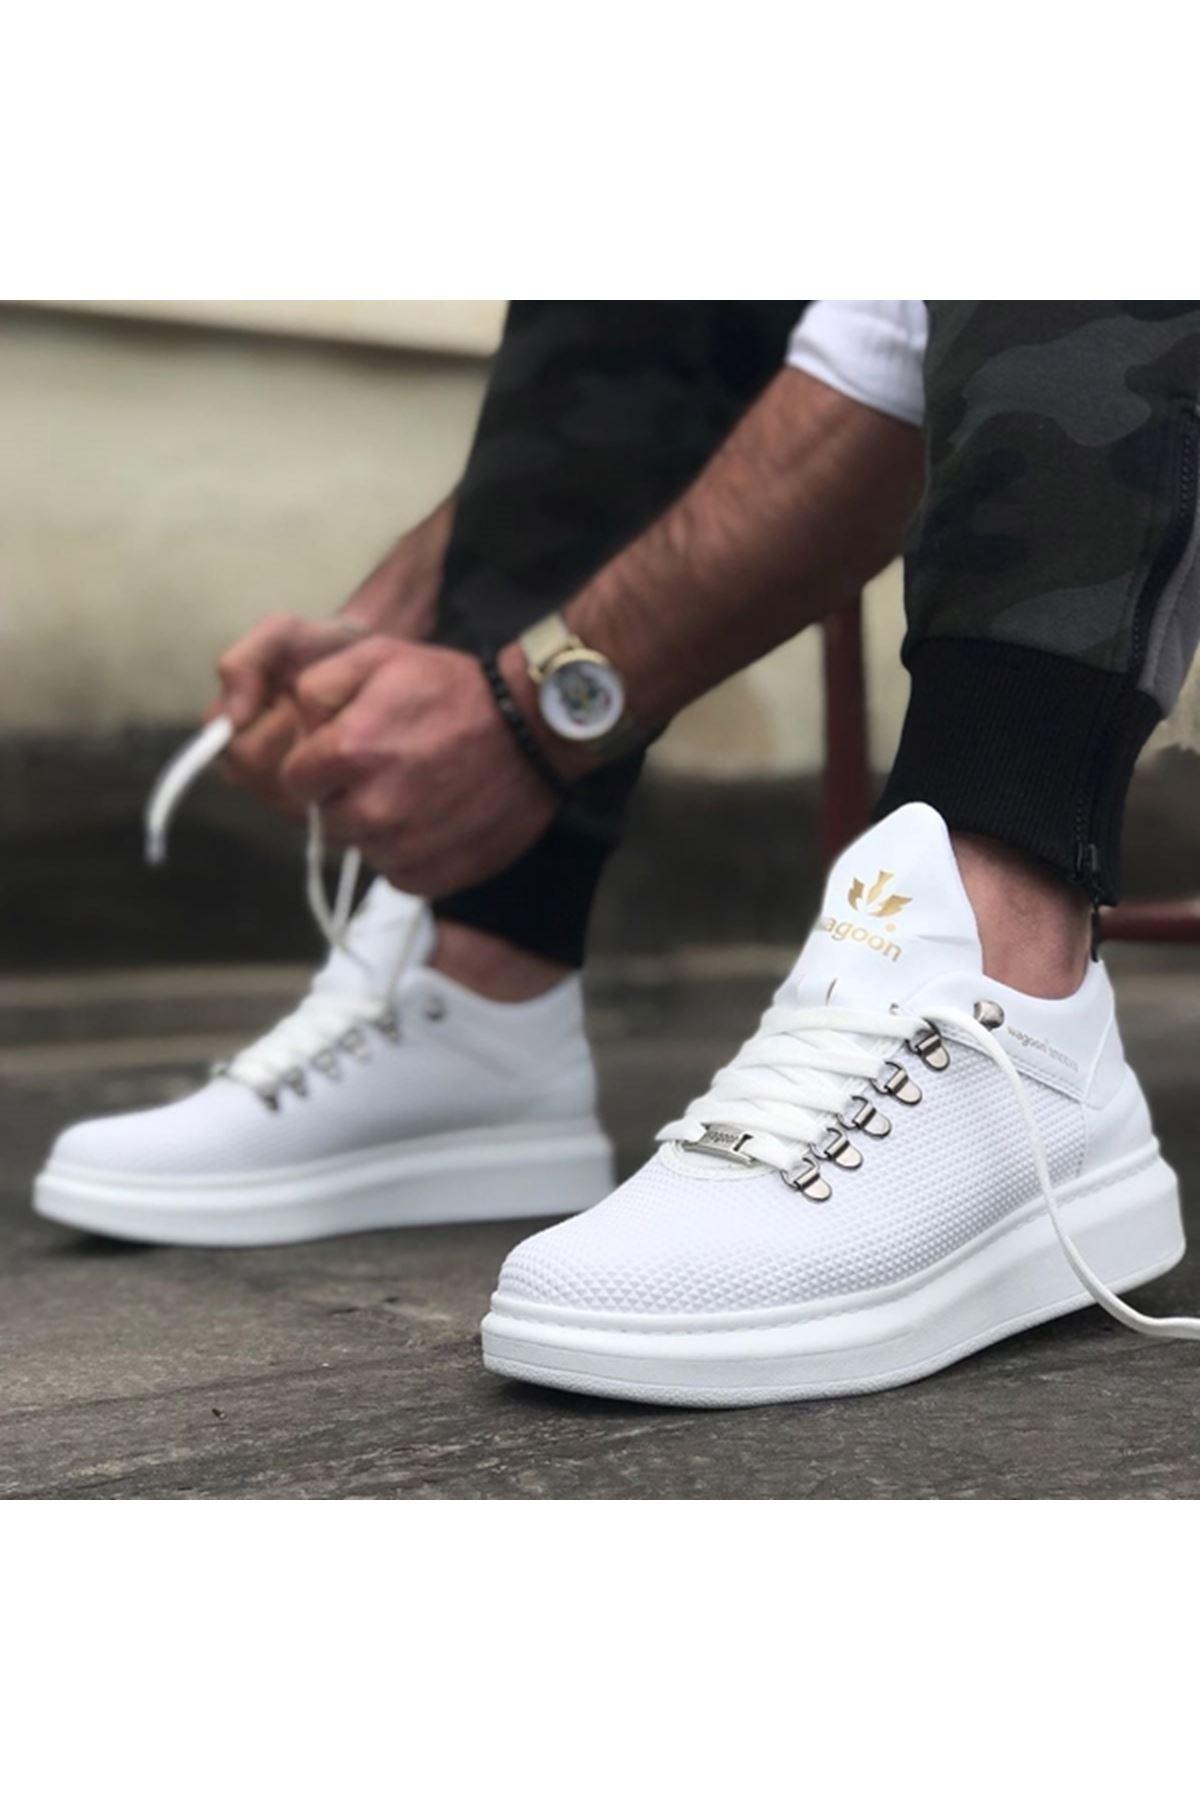 Boy Uzatan Piramit Doku Beyaz Erkek Spor Ayakkabı